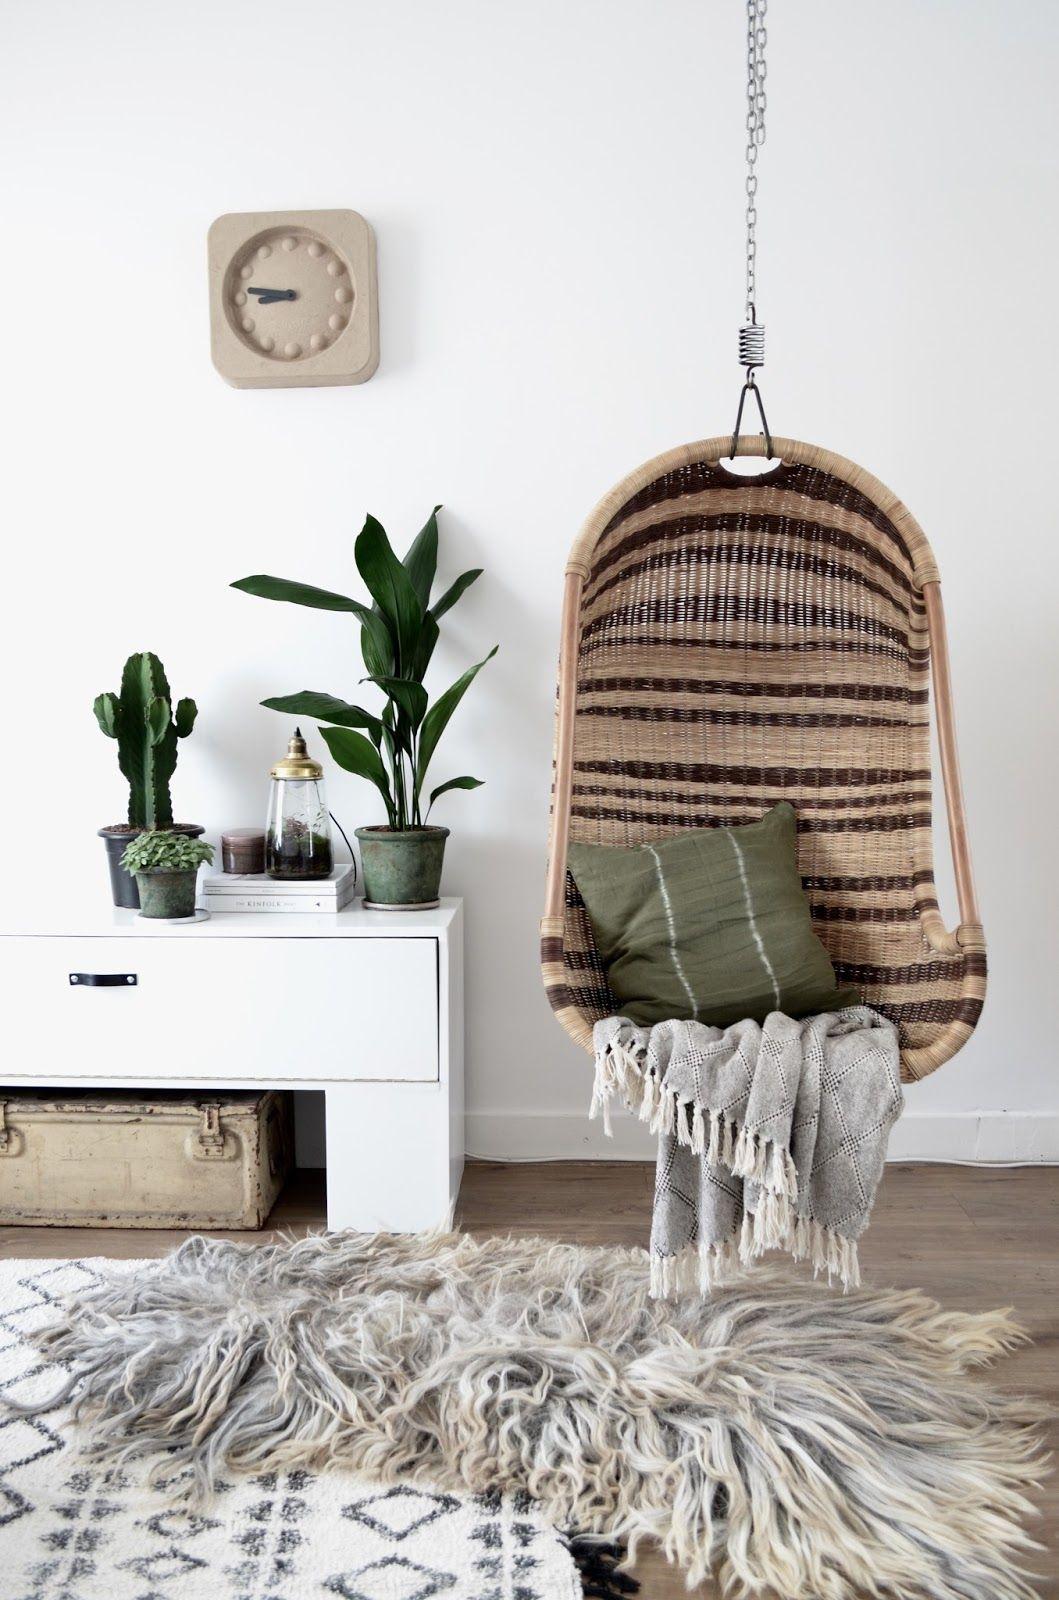 Hateuandurbrows woonkamer pinterest hanging chair hanging